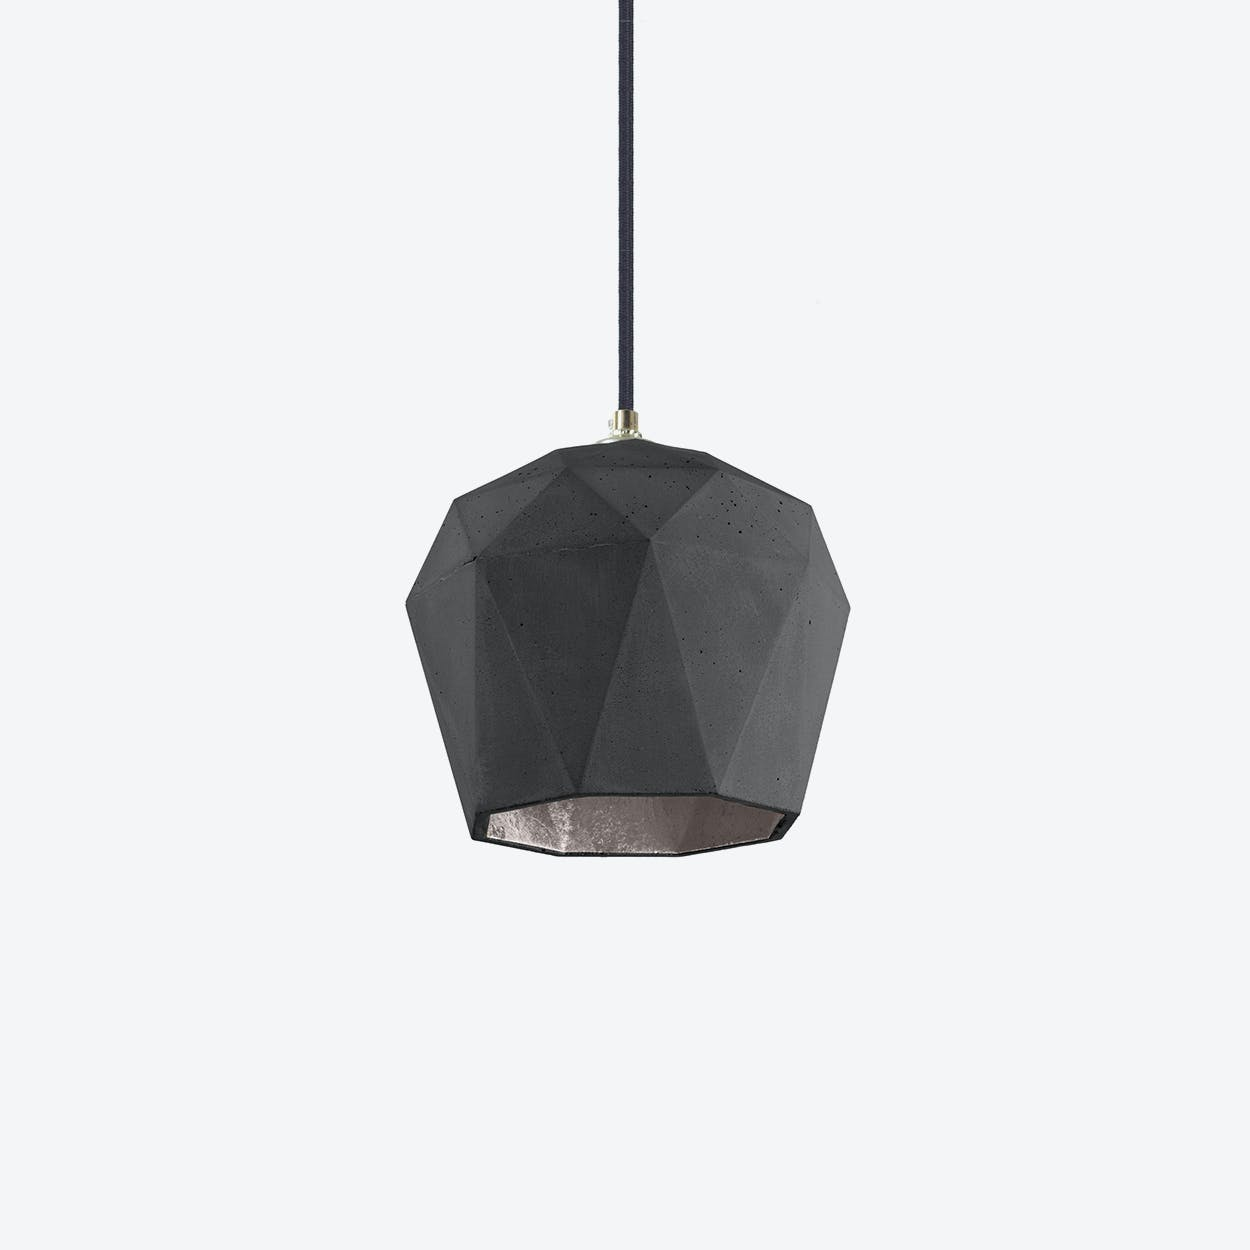 Concrete Pendant Light Triangle T3 in Dark Grey and Silver